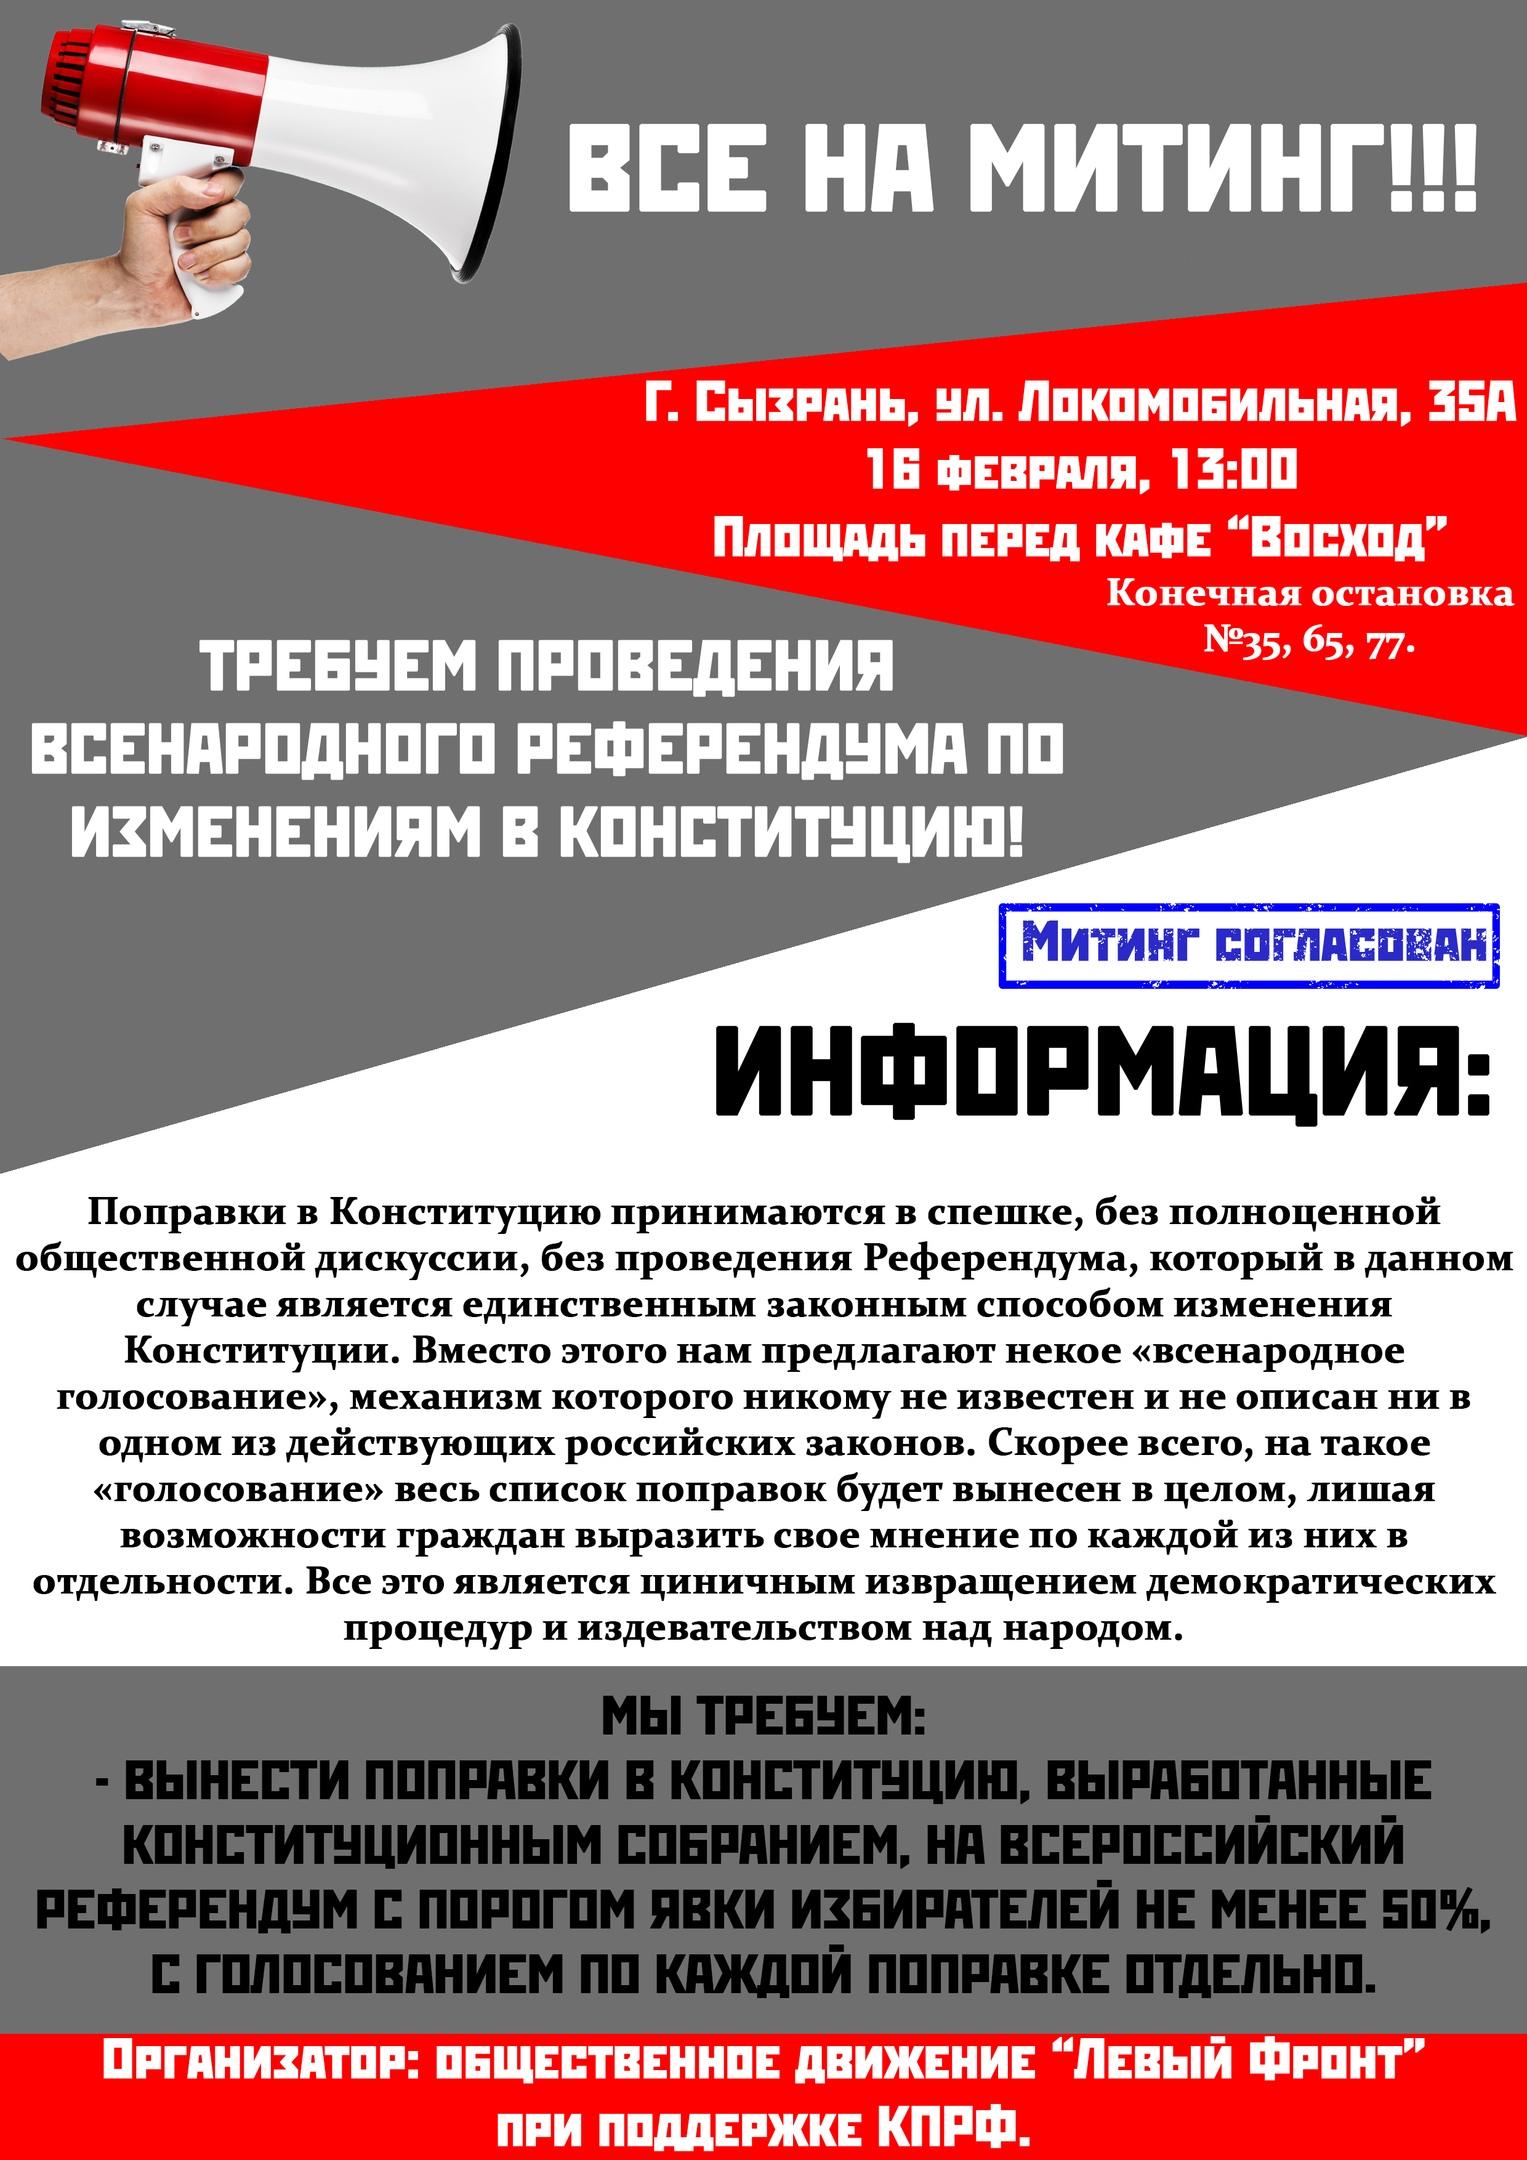 Митинг в Сызрани состоится 16 февраля в 13:00: Конституция РФ